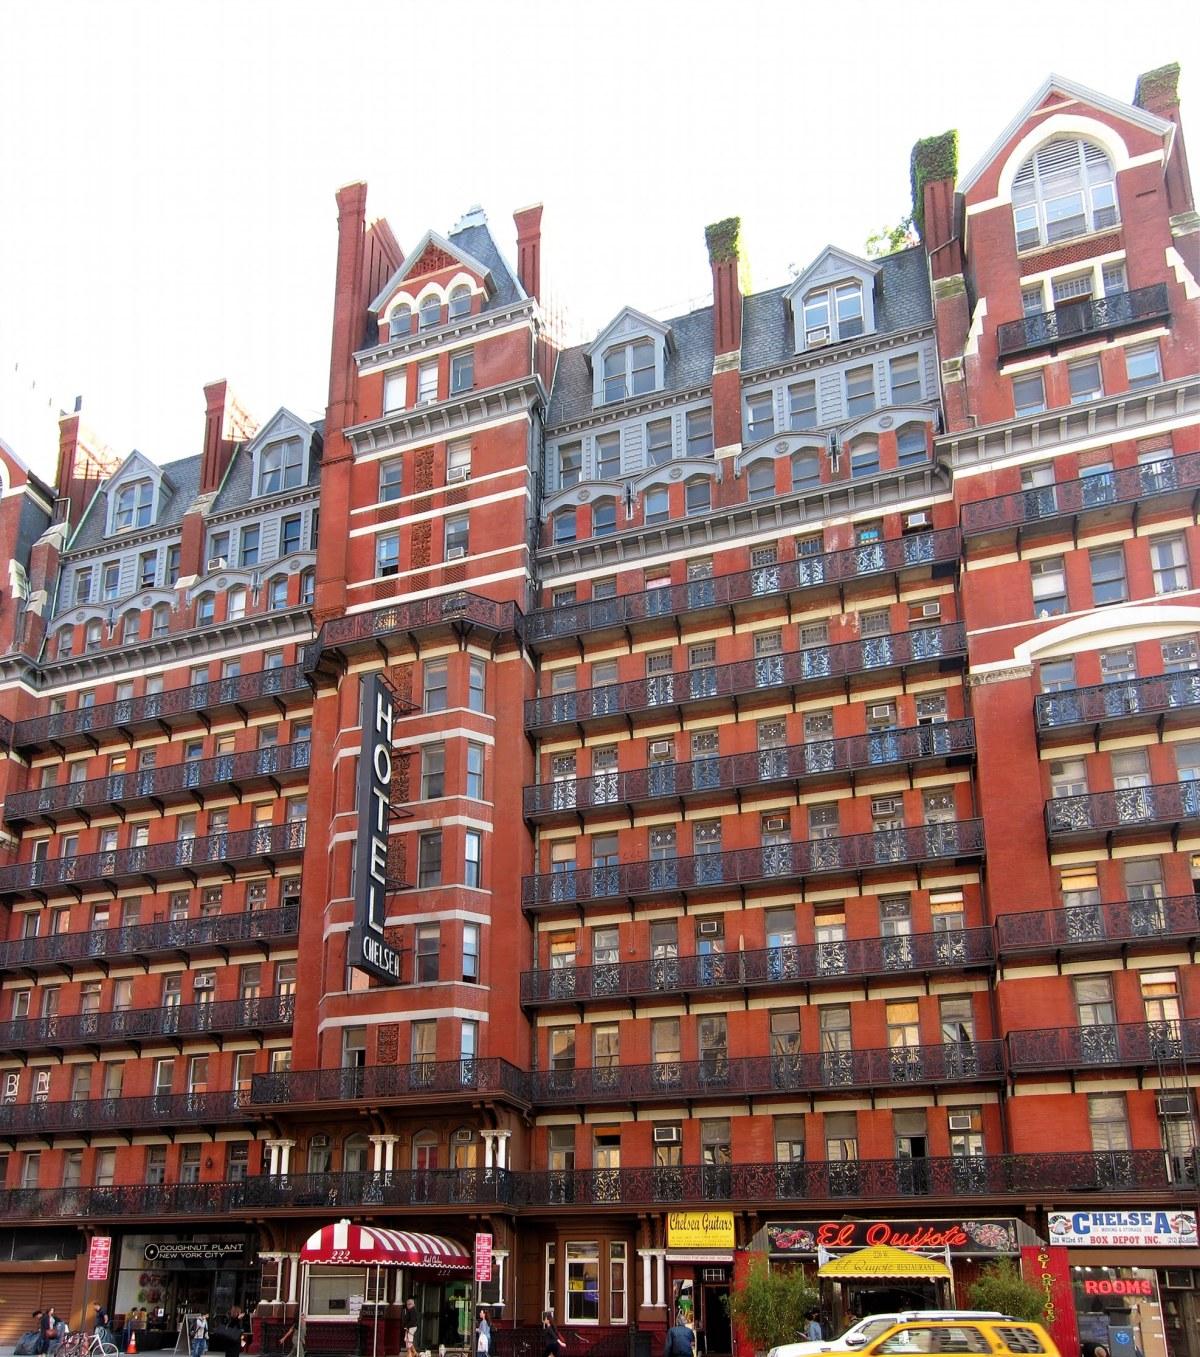 Le célèbre Chelsea Hotel, New York, États-Unis - Photo: Courtoisie